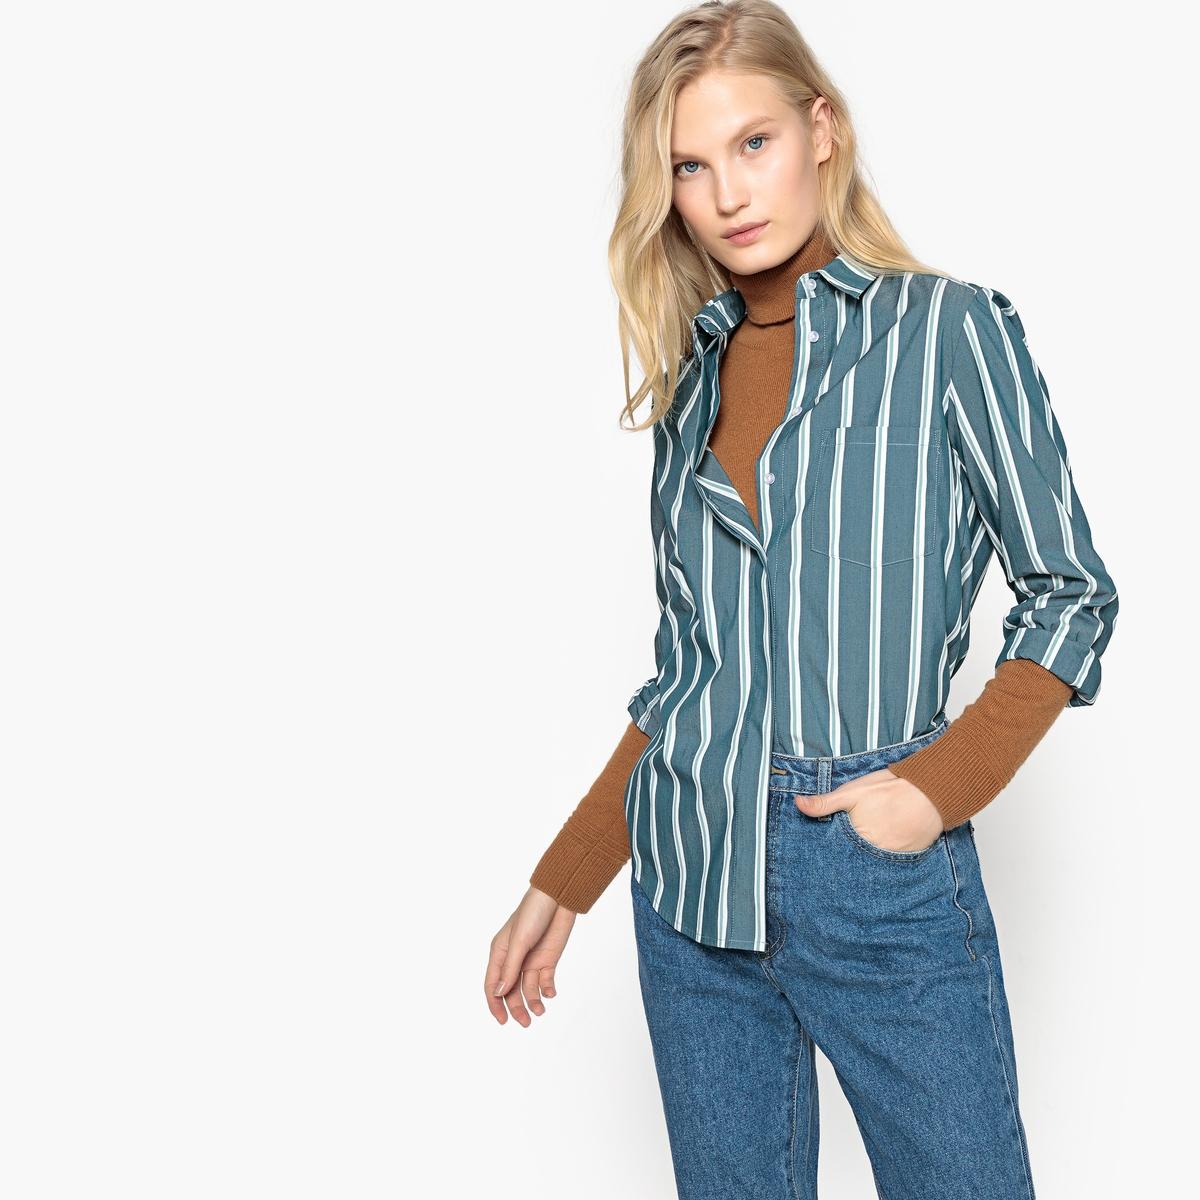 Camisa de manga larga a rayas, con corte recto